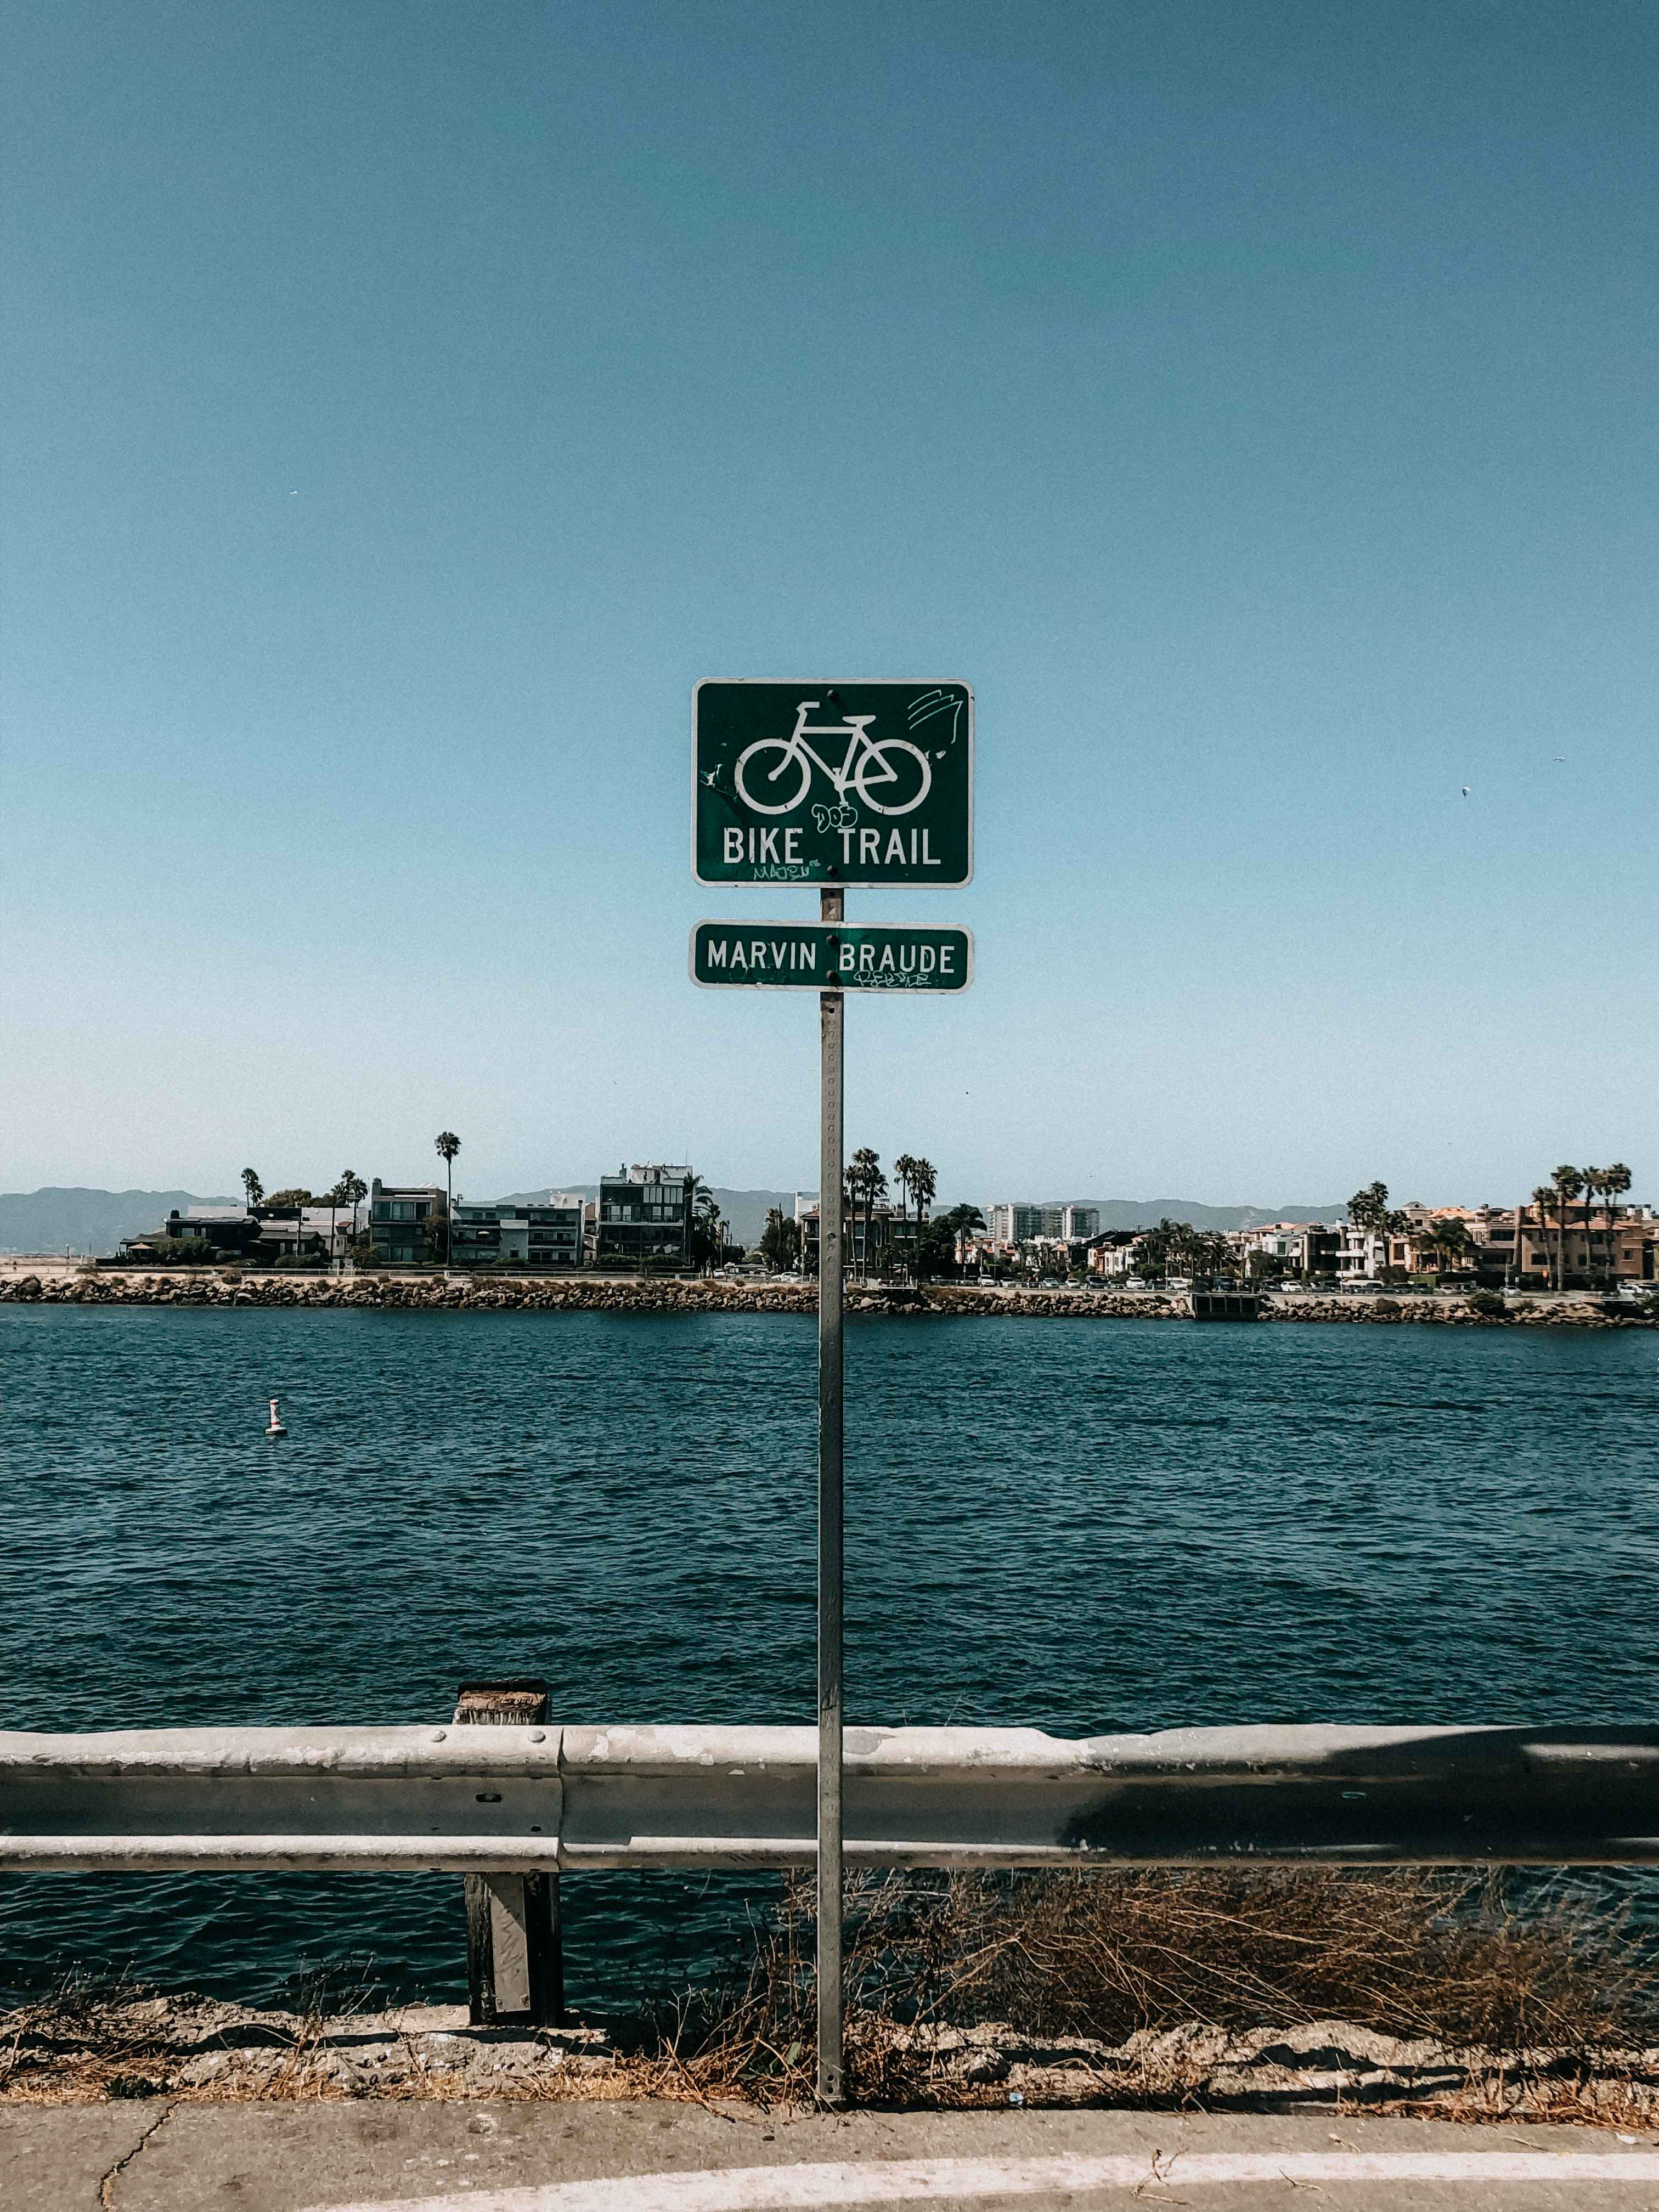 Top Insider Tipps Los Angeles Marvin Braude Bike Trail fahrradtour LA Strandweg Fahrrad fahren ausleihen 3q